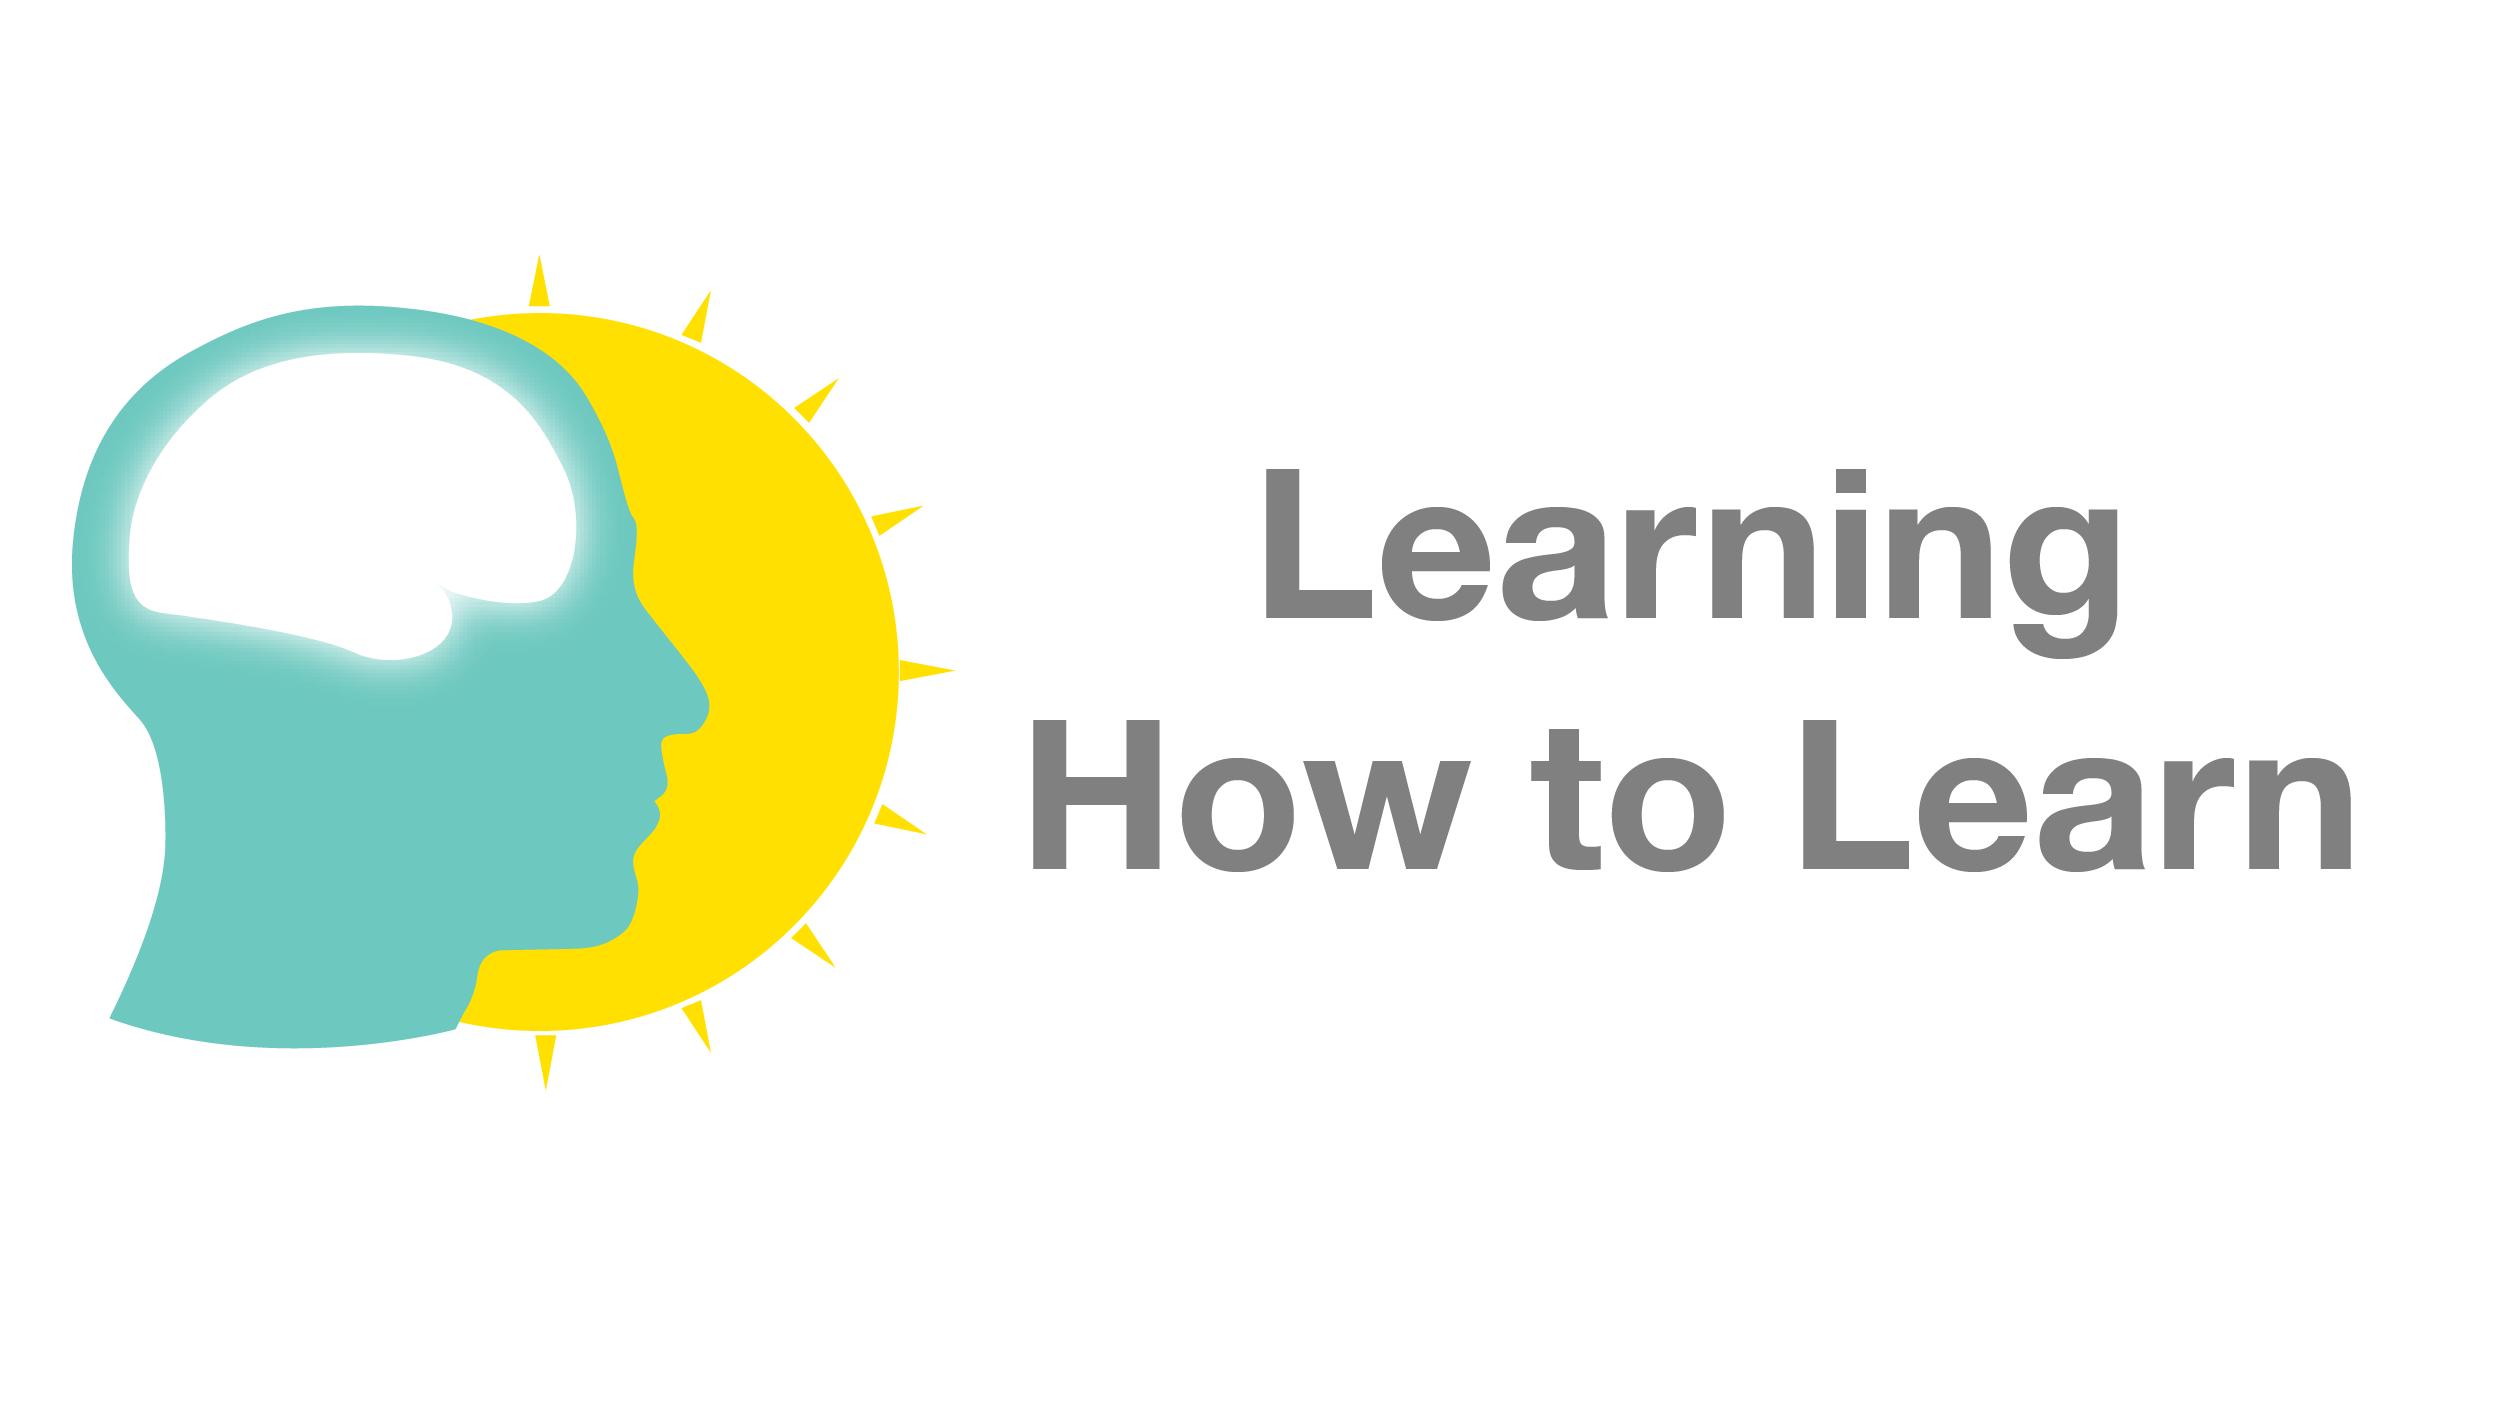 学会如何学习:帮助你掌握复杂学科的强大智力工具(Learning How to Learn) course image